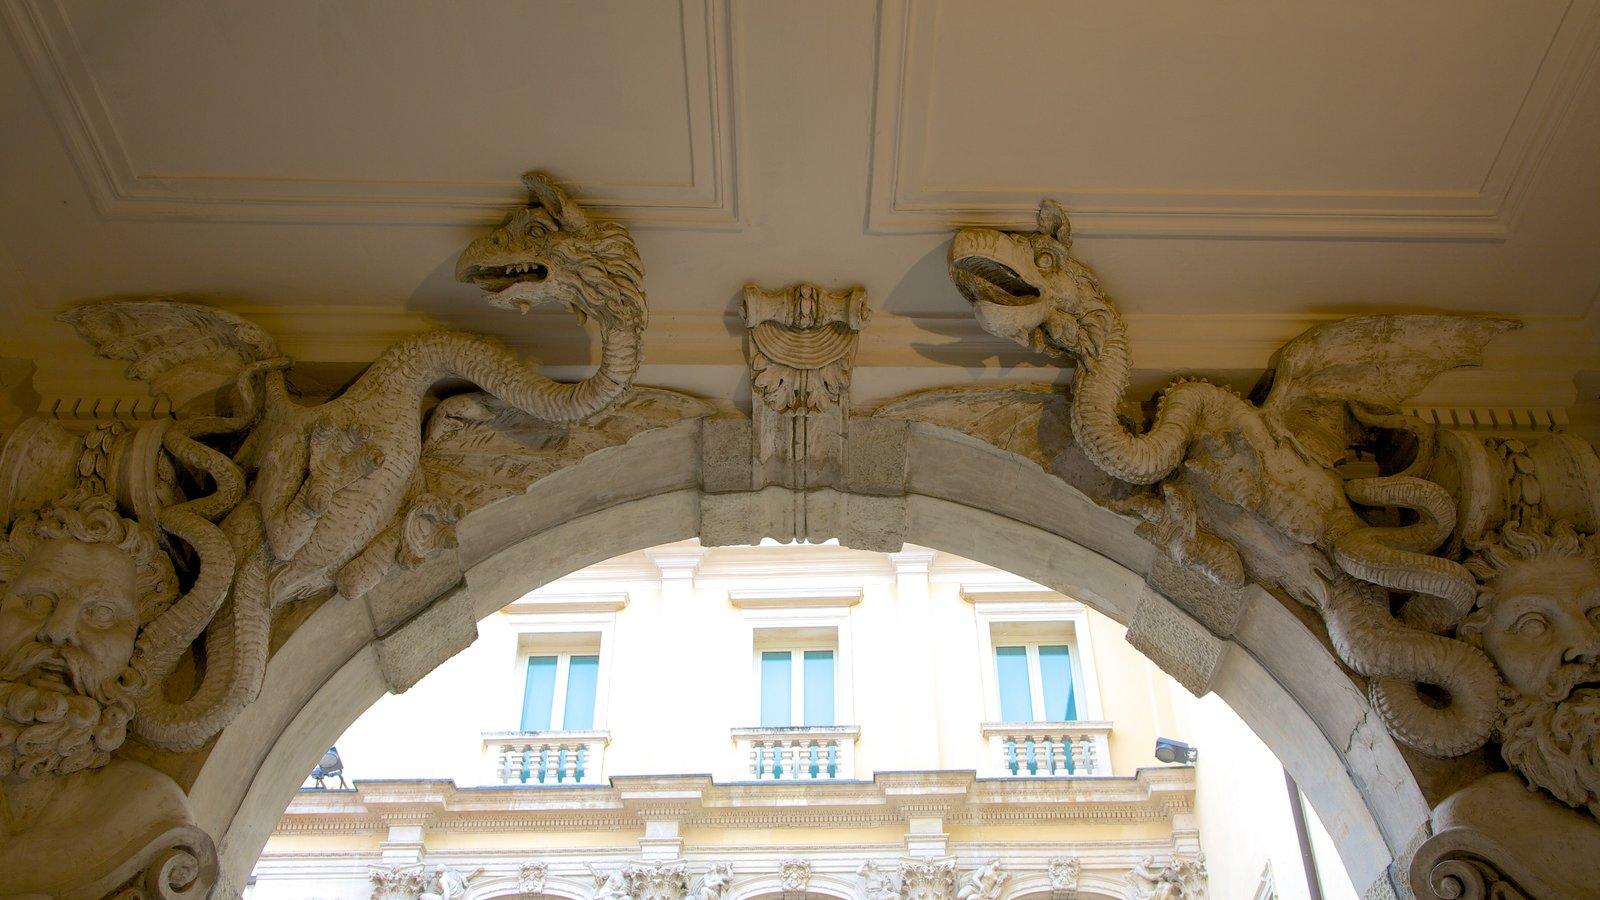 Gallerie di Palazzo Leoni Montanari which includes a statue or sculpture, heritage architecture and interior views